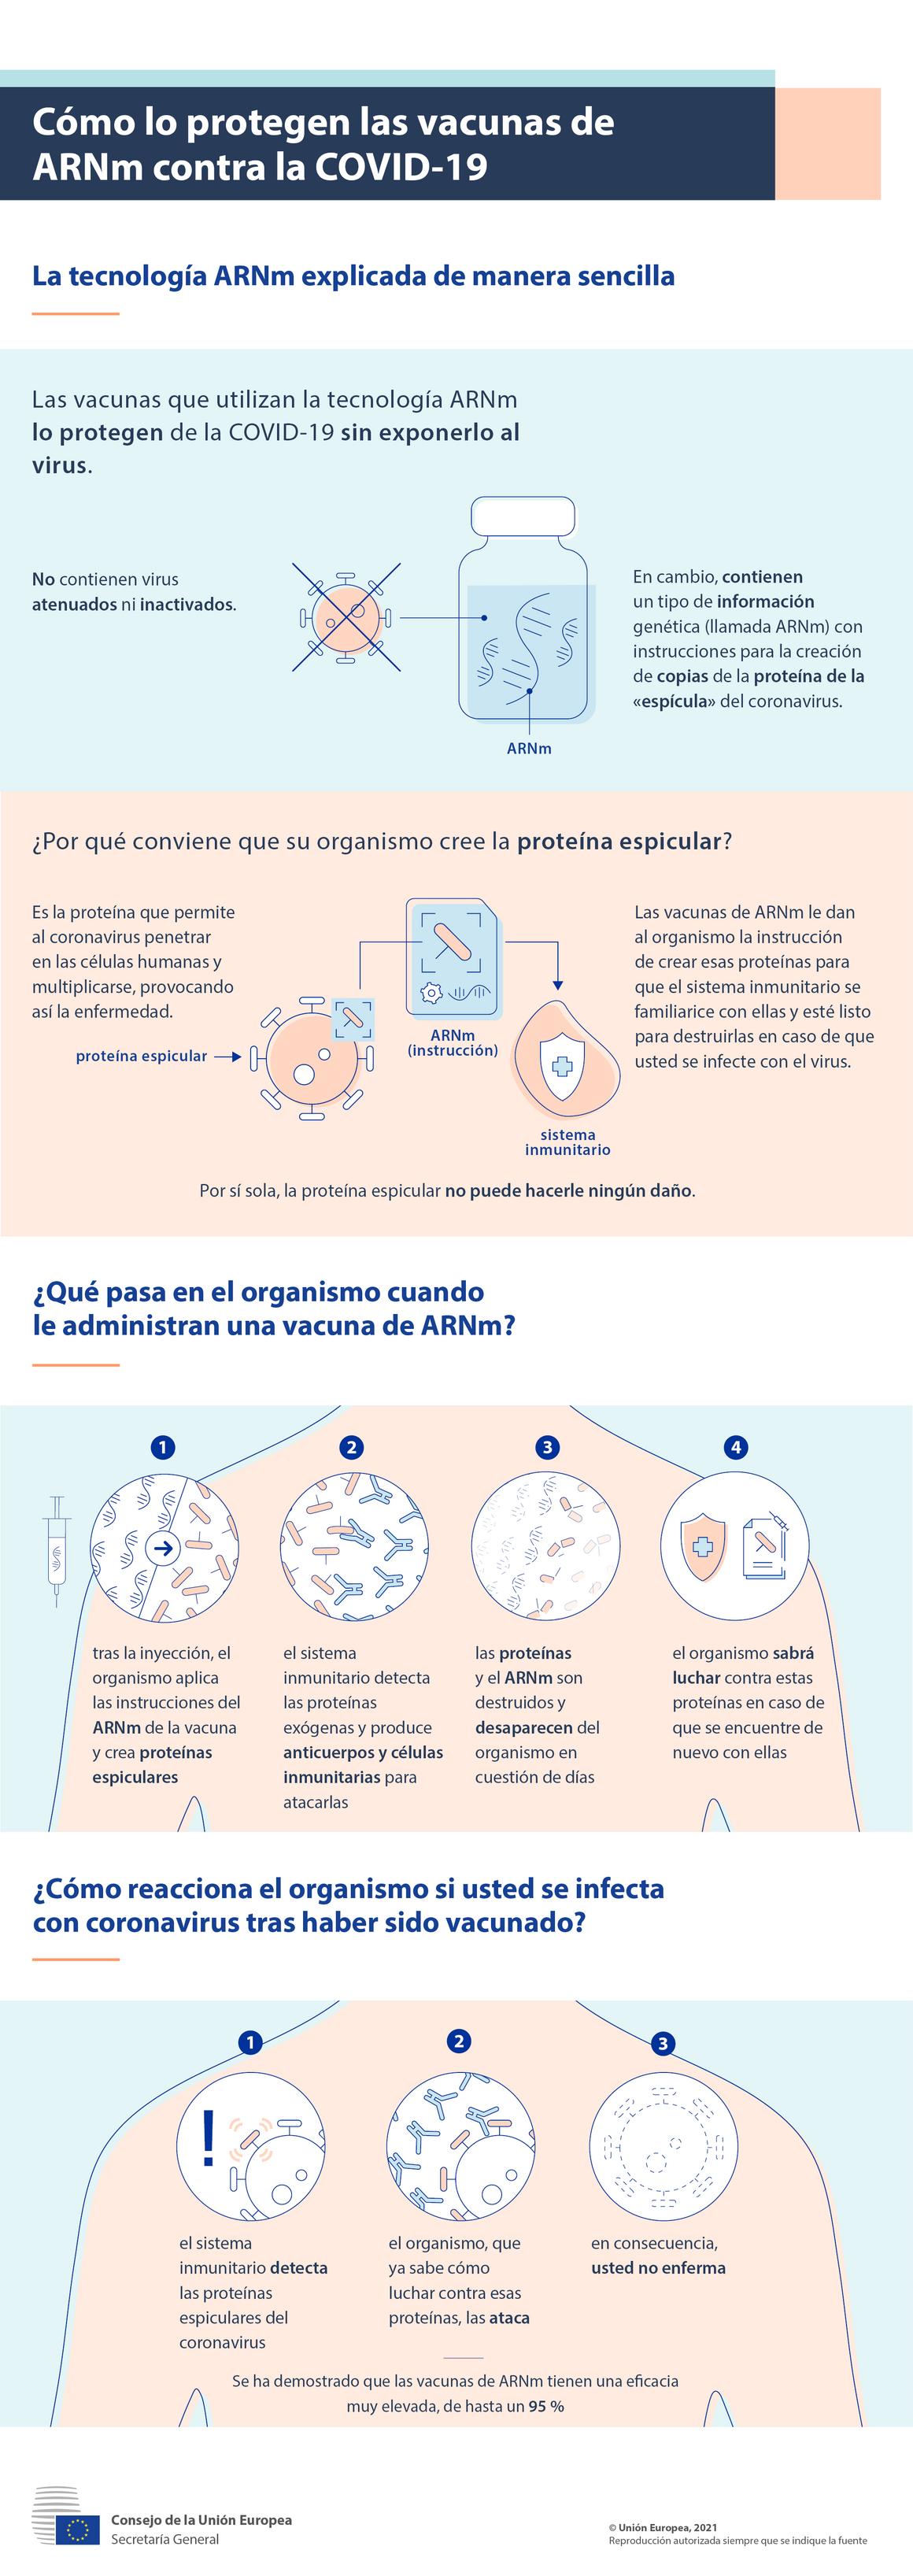 Infografía: Cómo lo protegen las vacunas de ARNm contra la COVID-19